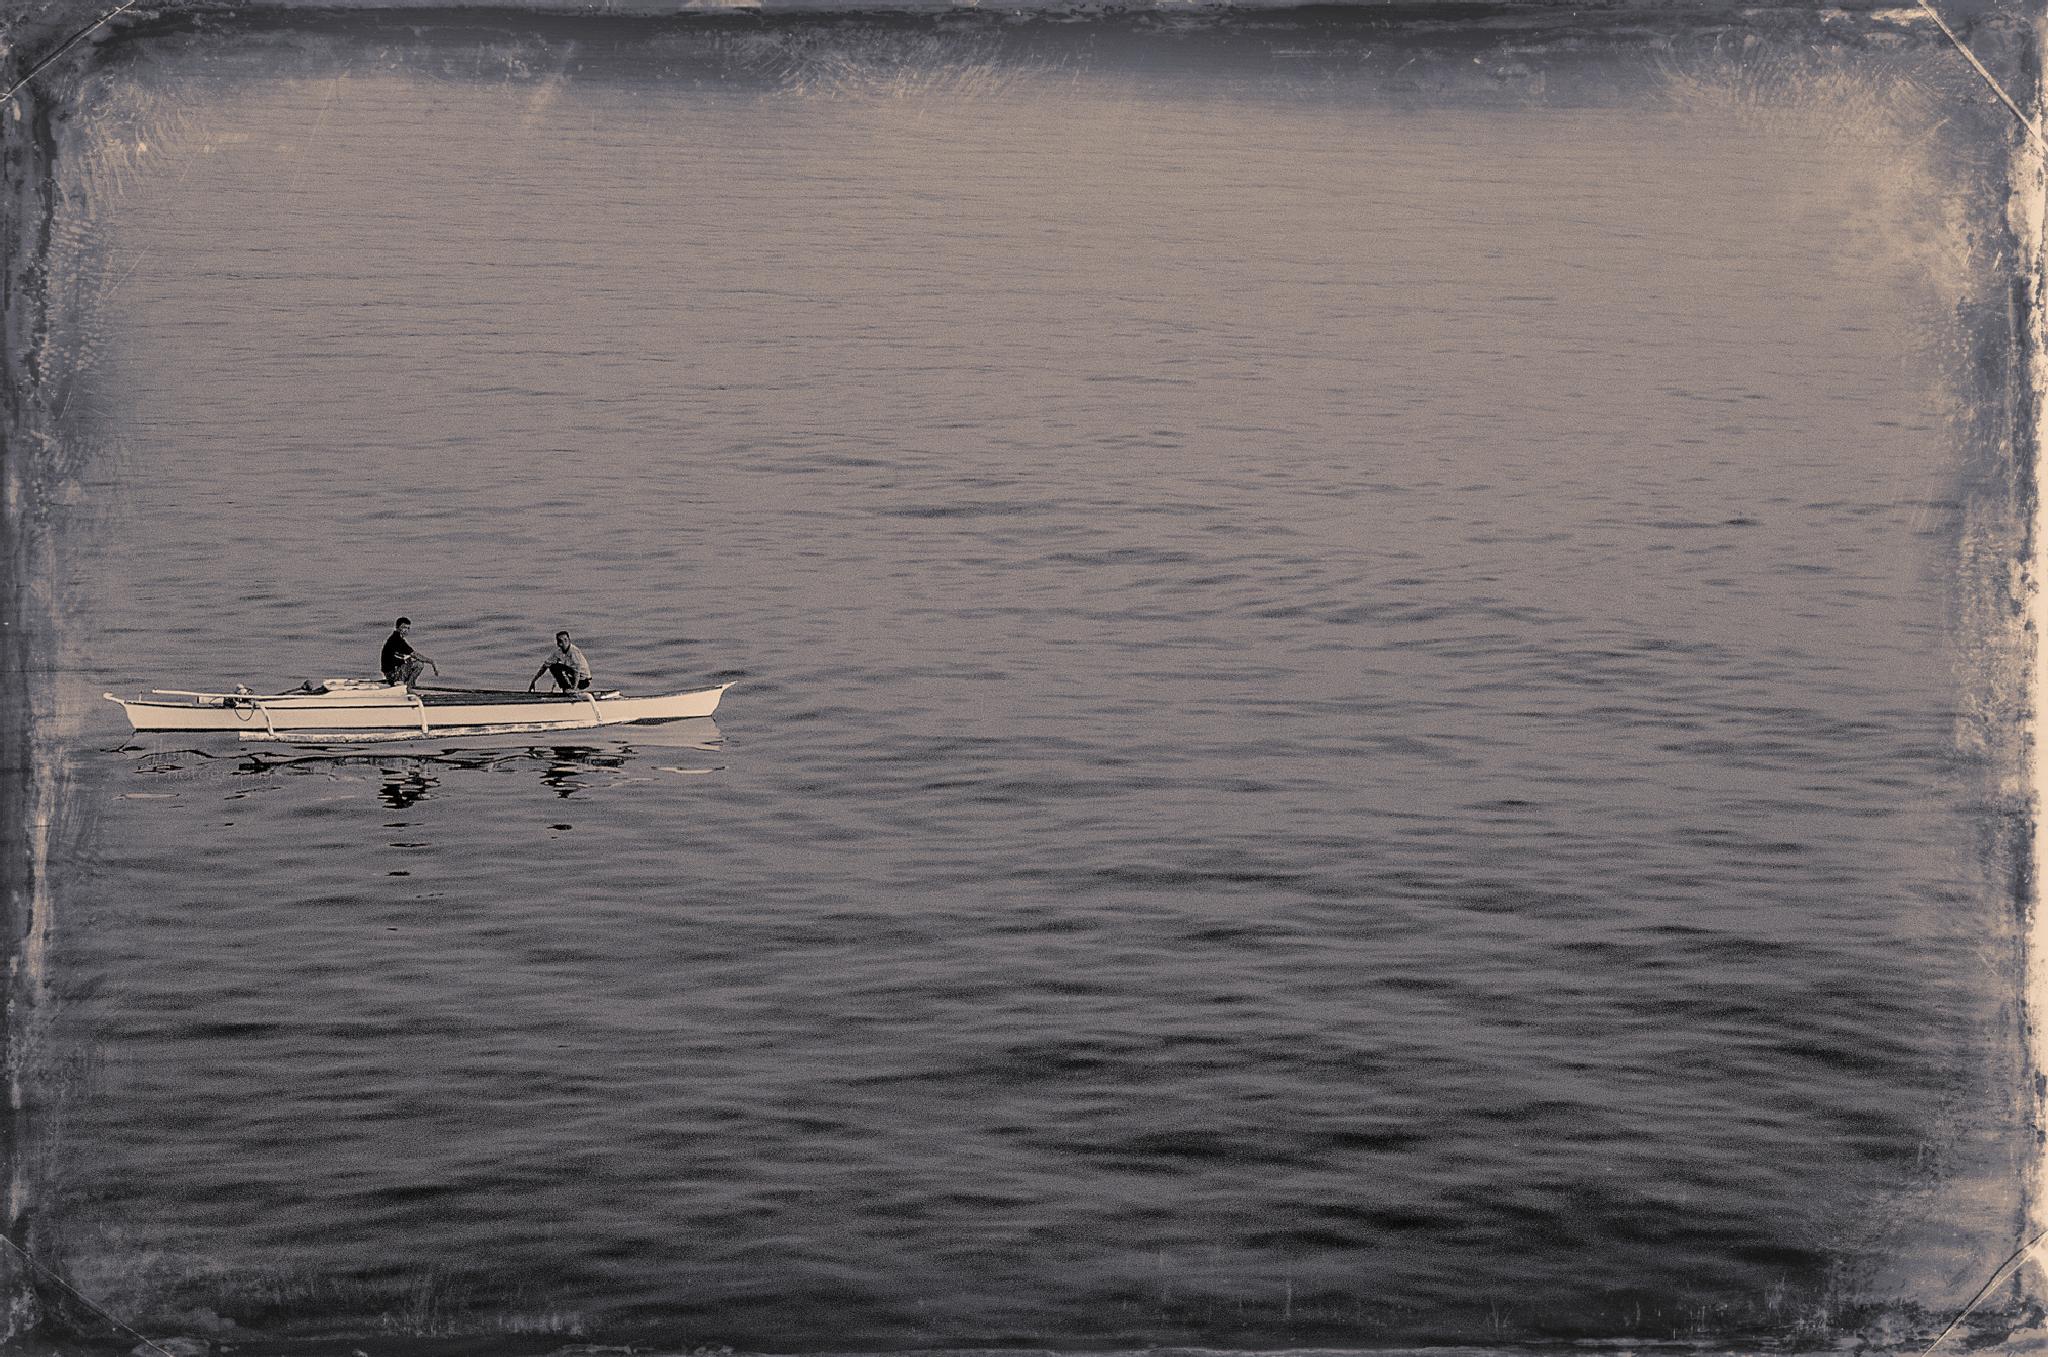 Ocean Adventure by junheso